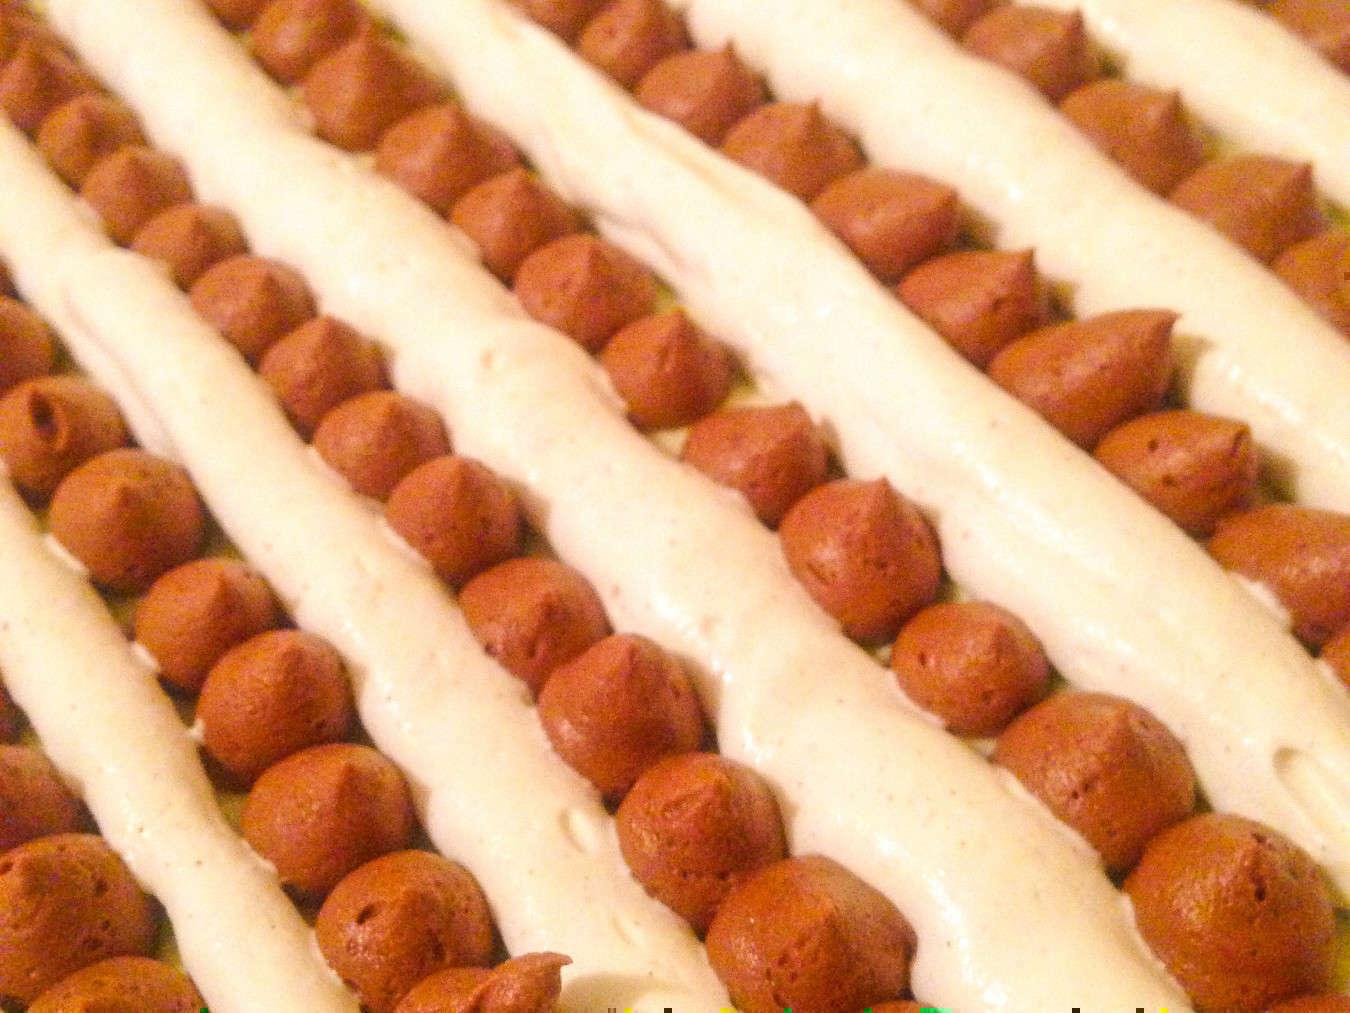 nouvel tarte inédite pistache chocolat vanille parvé traiteur cacher